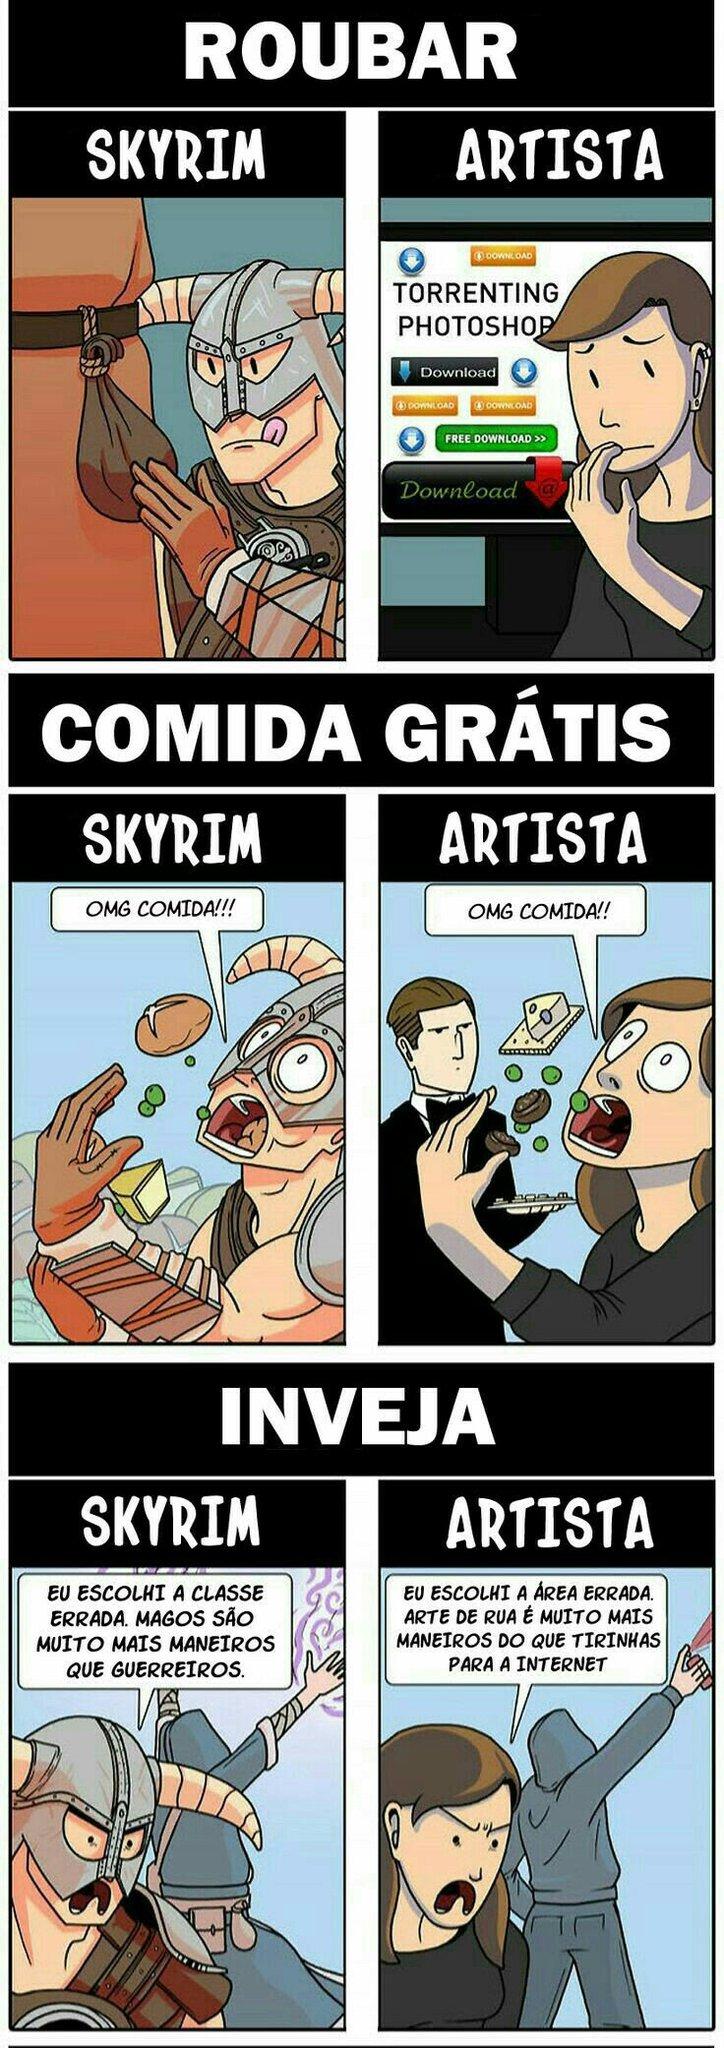 Skyrym 1/2 - meme